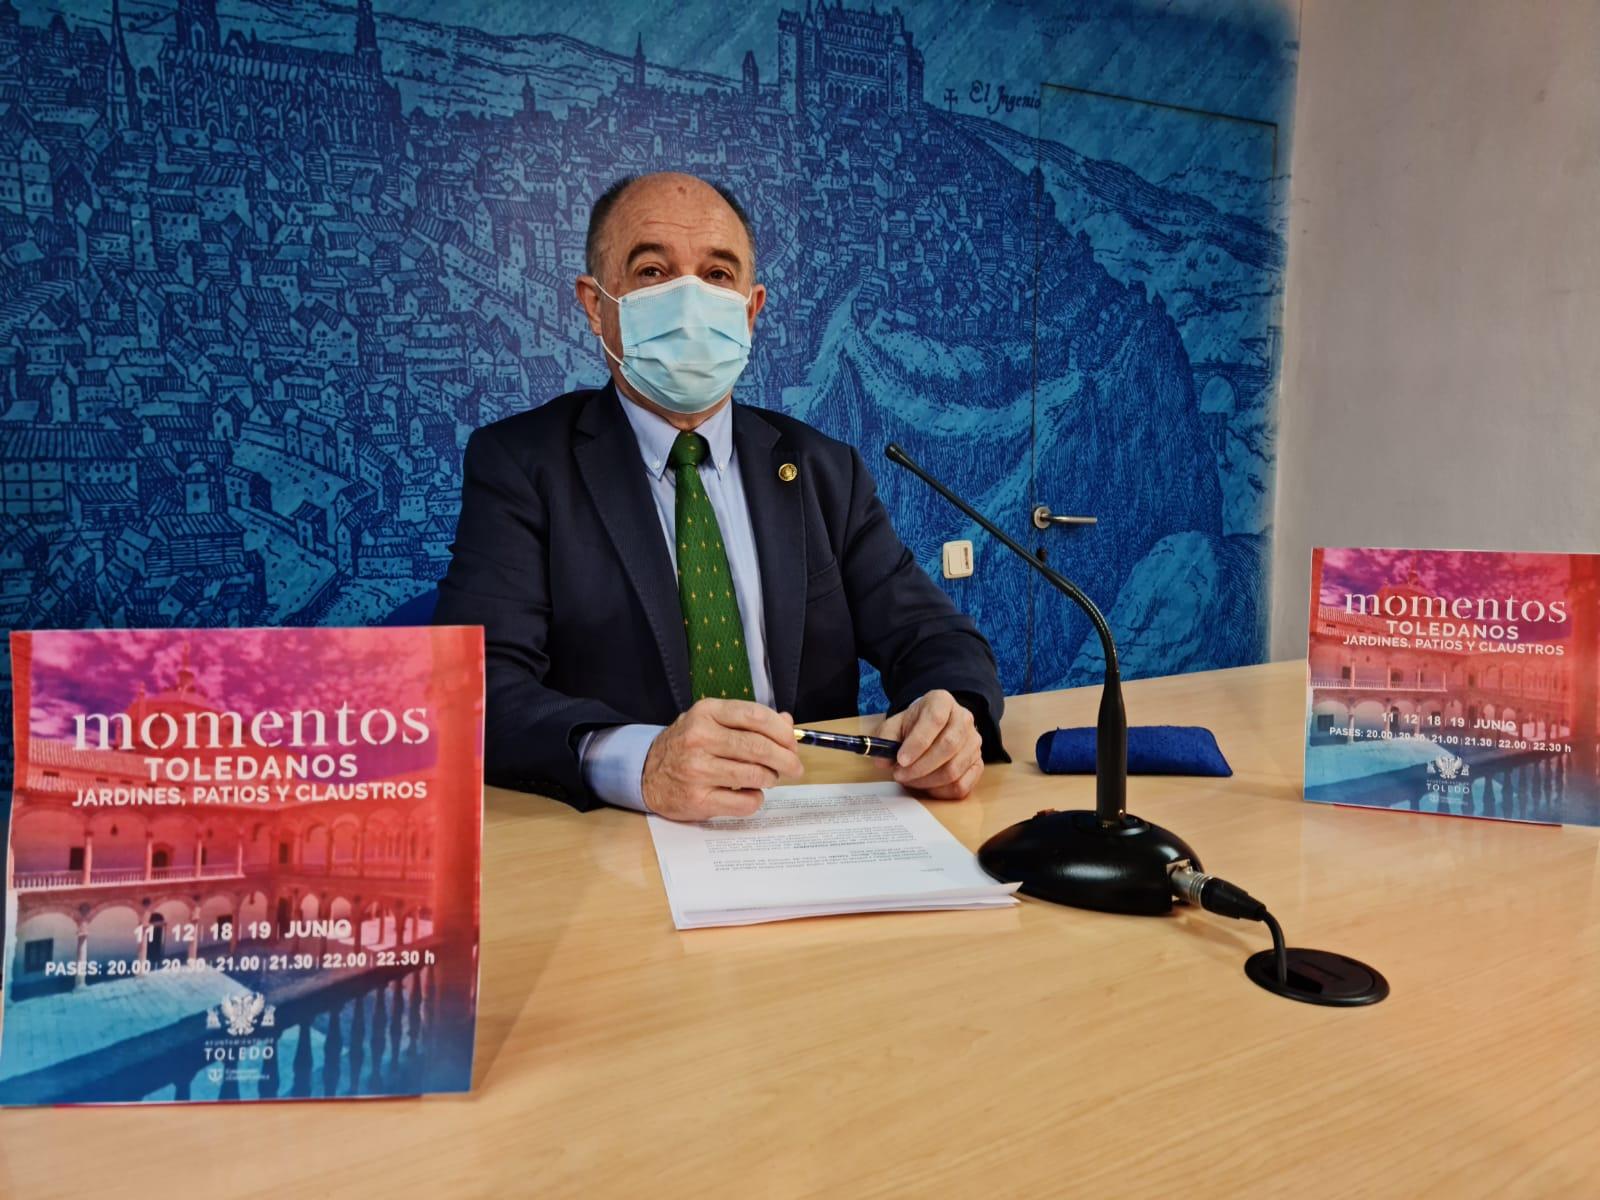 El Ayuntamiento da un paso más en la reactivación con una nueva iniciativa patrimonial y turística, 'Momentos Toledanos'